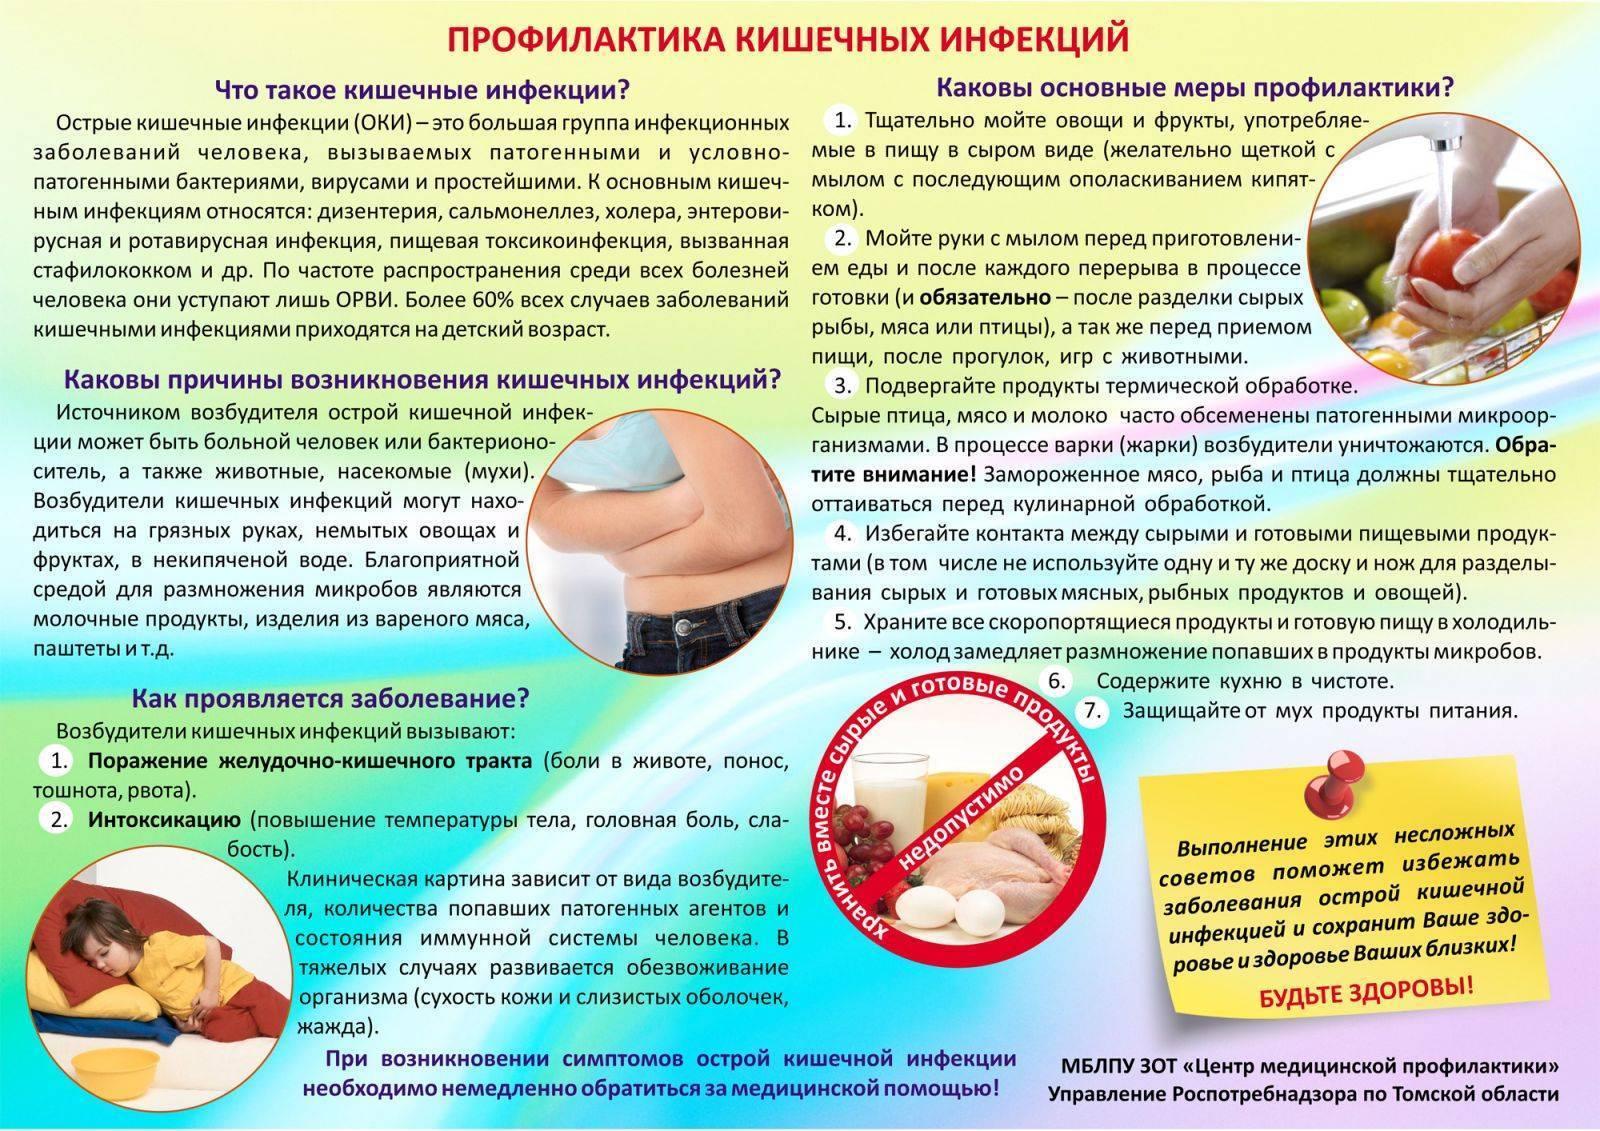 Профилактика кишечной инфекции препаратами у детей на море